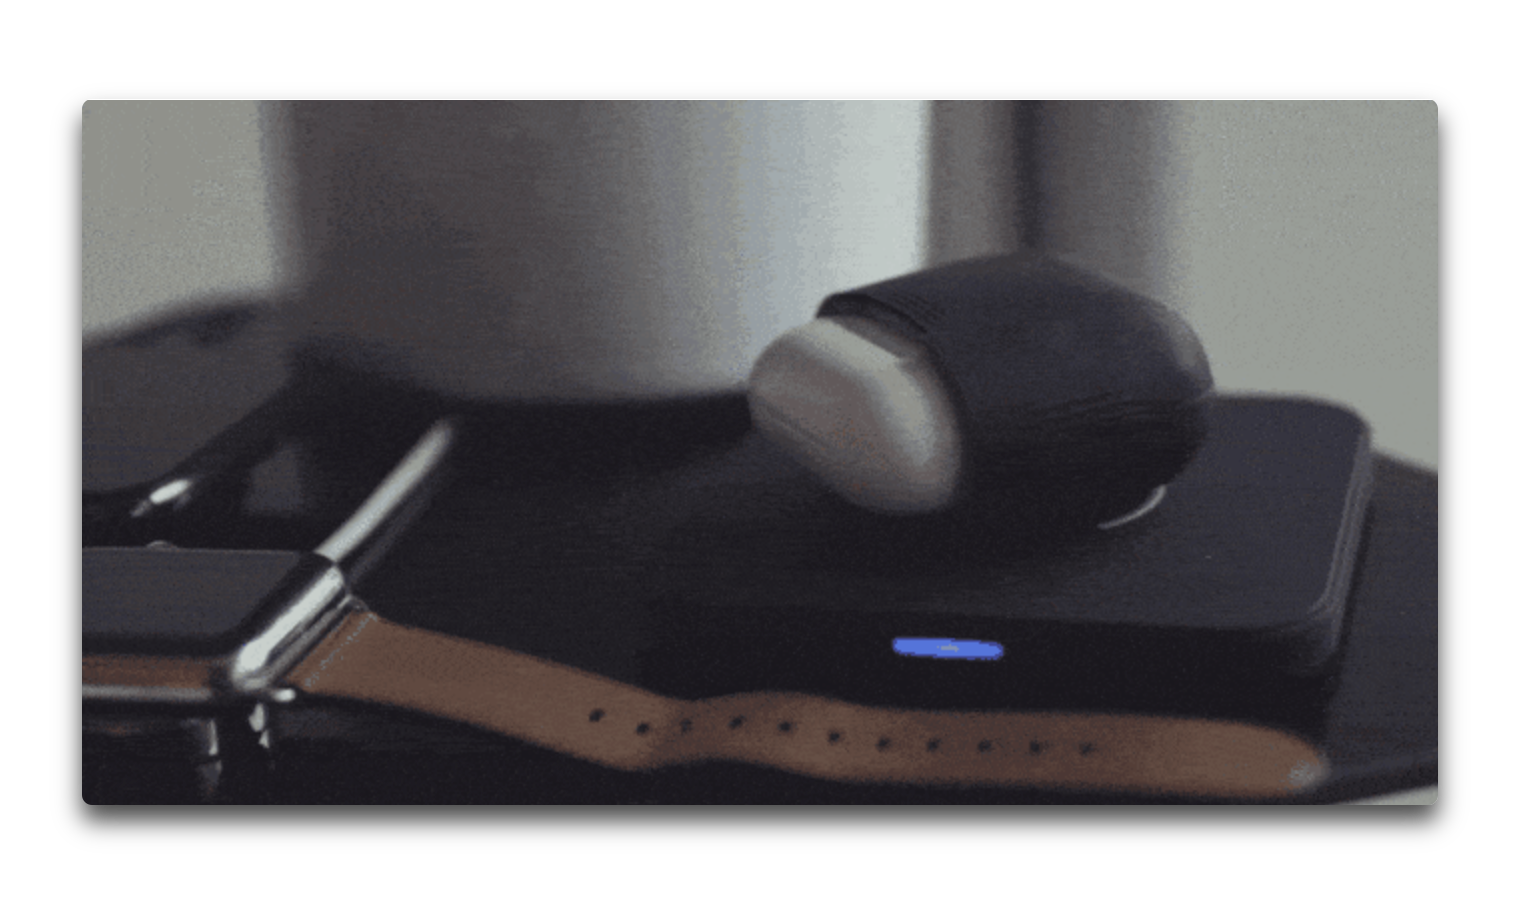 【Mac】ビデオをアニメーションGIFに変換する無料アプリ「Gifski」